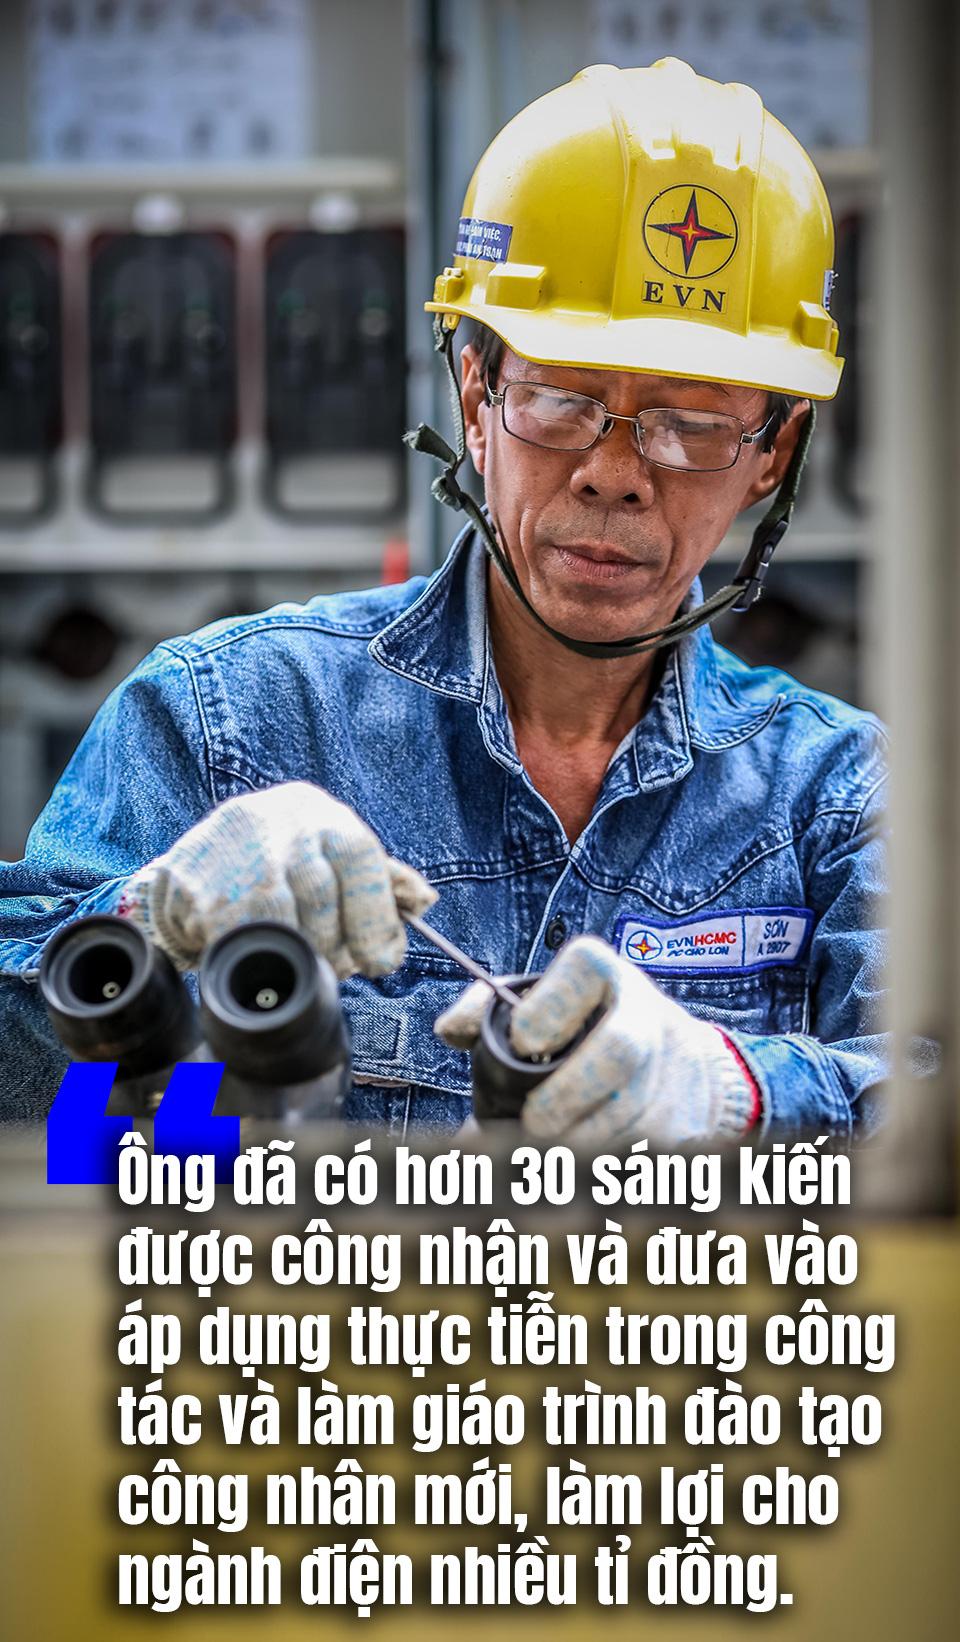 [eMagazine] Ngày thường của thợ điện Anh hùng lao động - Ảnh 8.